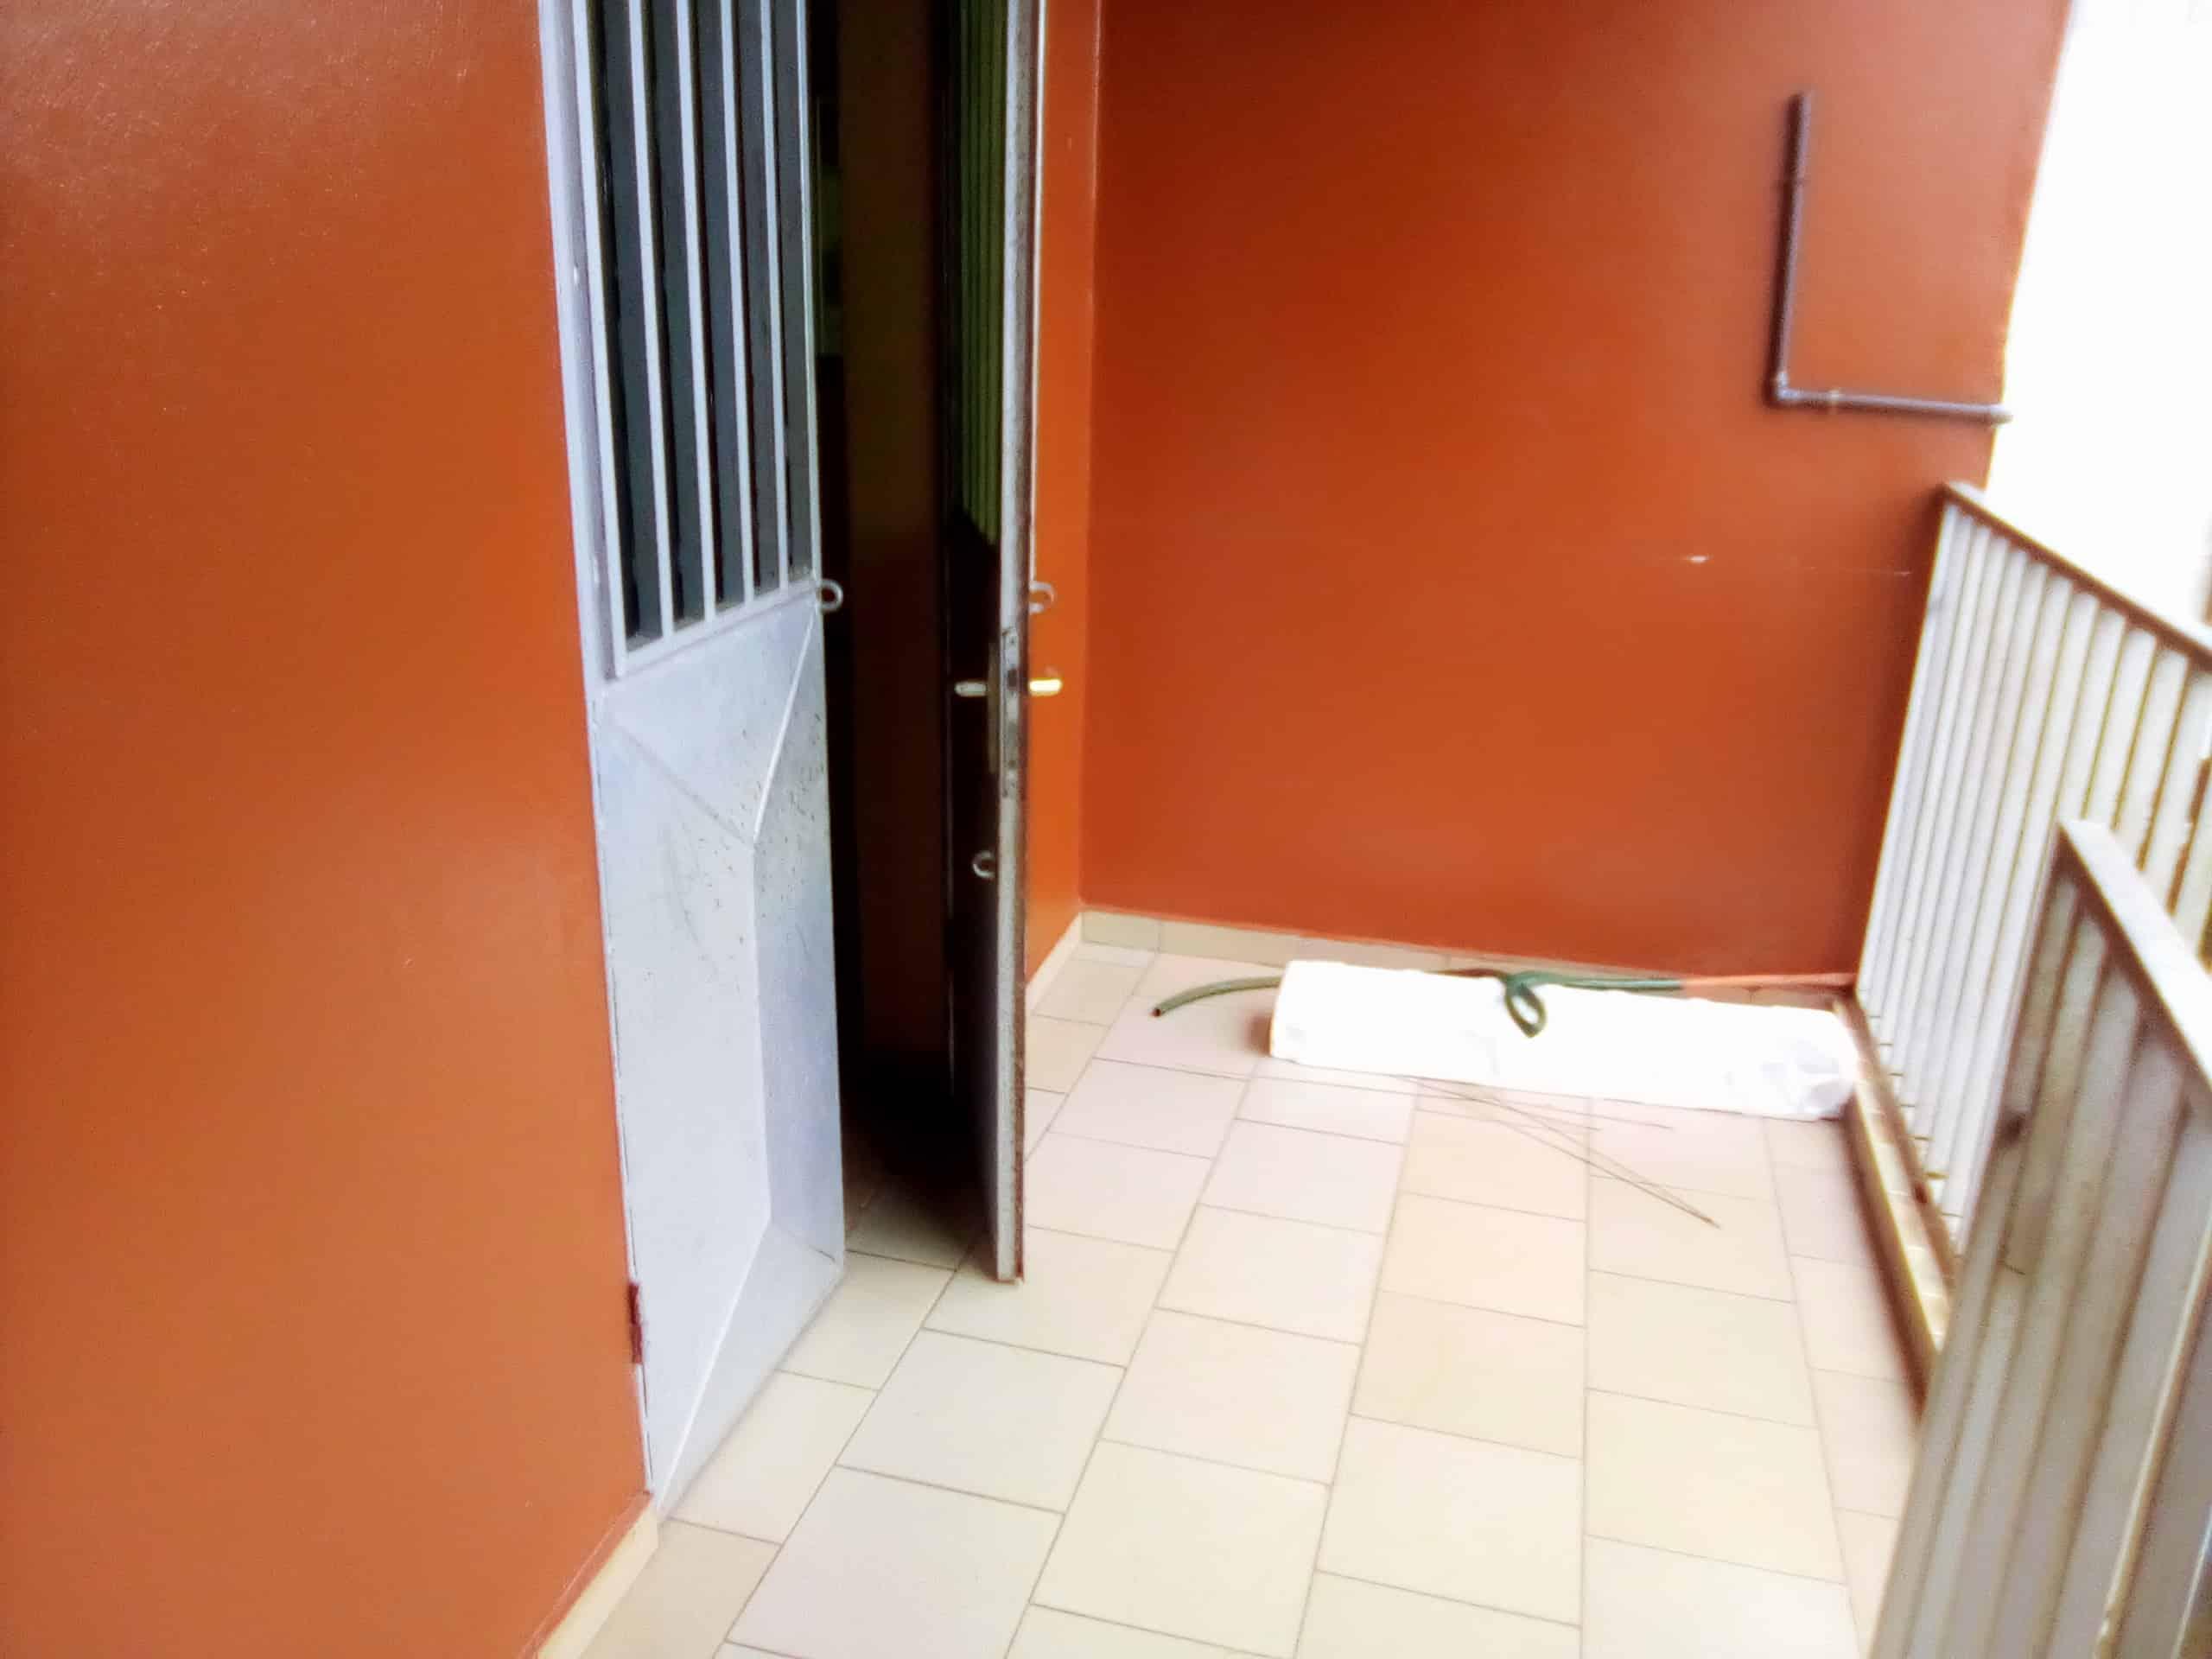 Appartement à louer - Douala, Makepe, MAKEPE - 1 salon(s), 2 chambre(s), 1 salle(s) de bains - 120 000 FCFA / mois